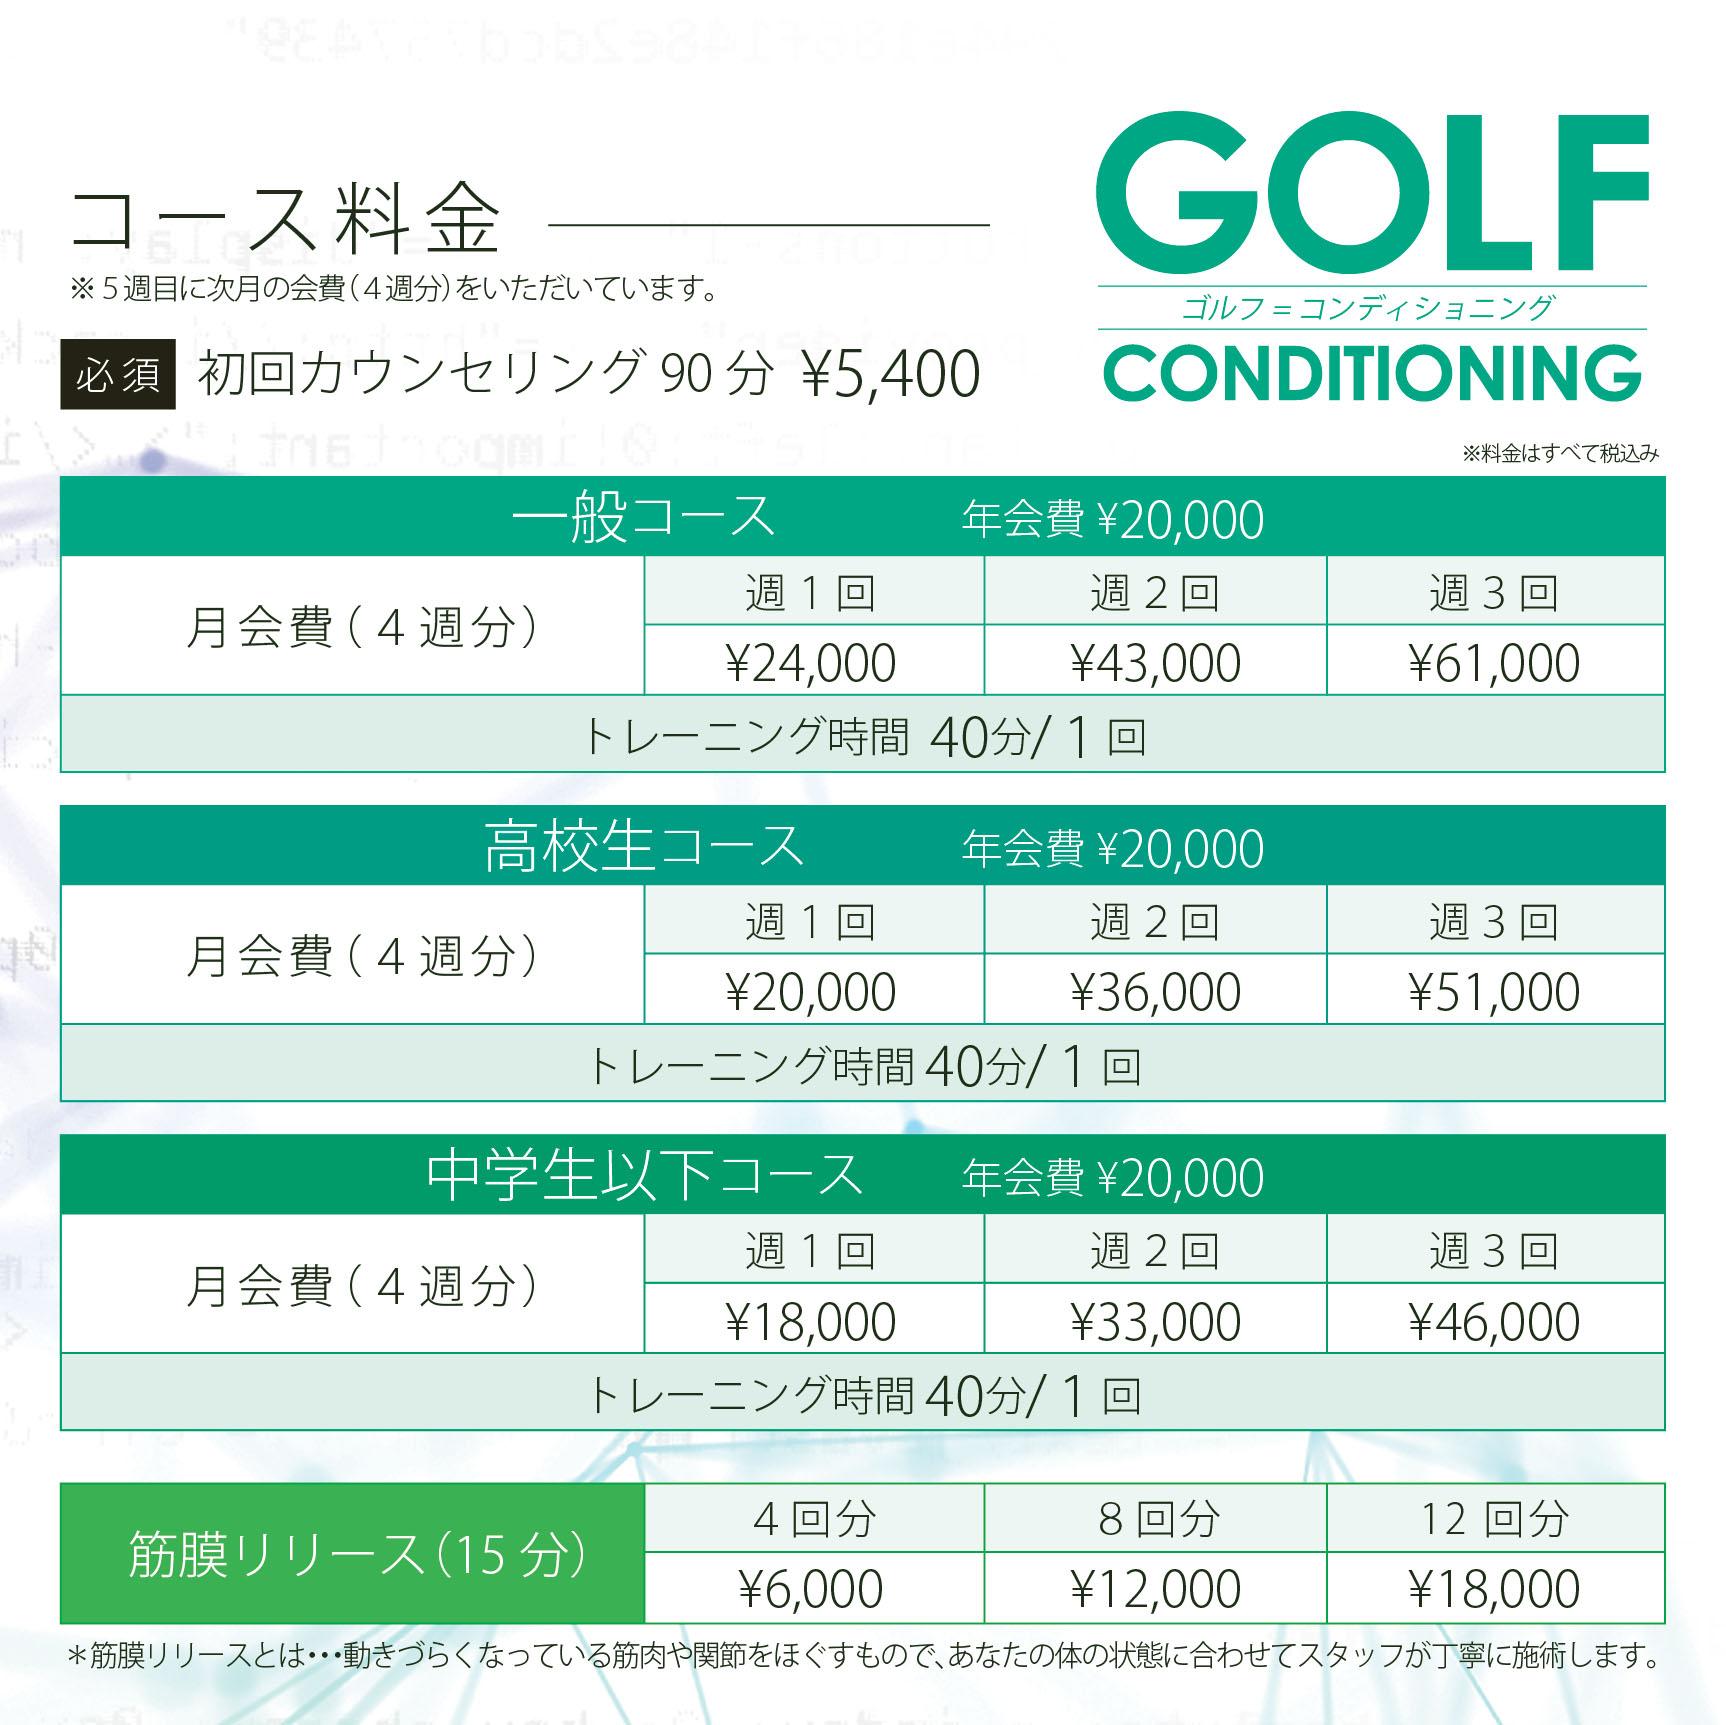 ゴルフコンディショニング コース料金